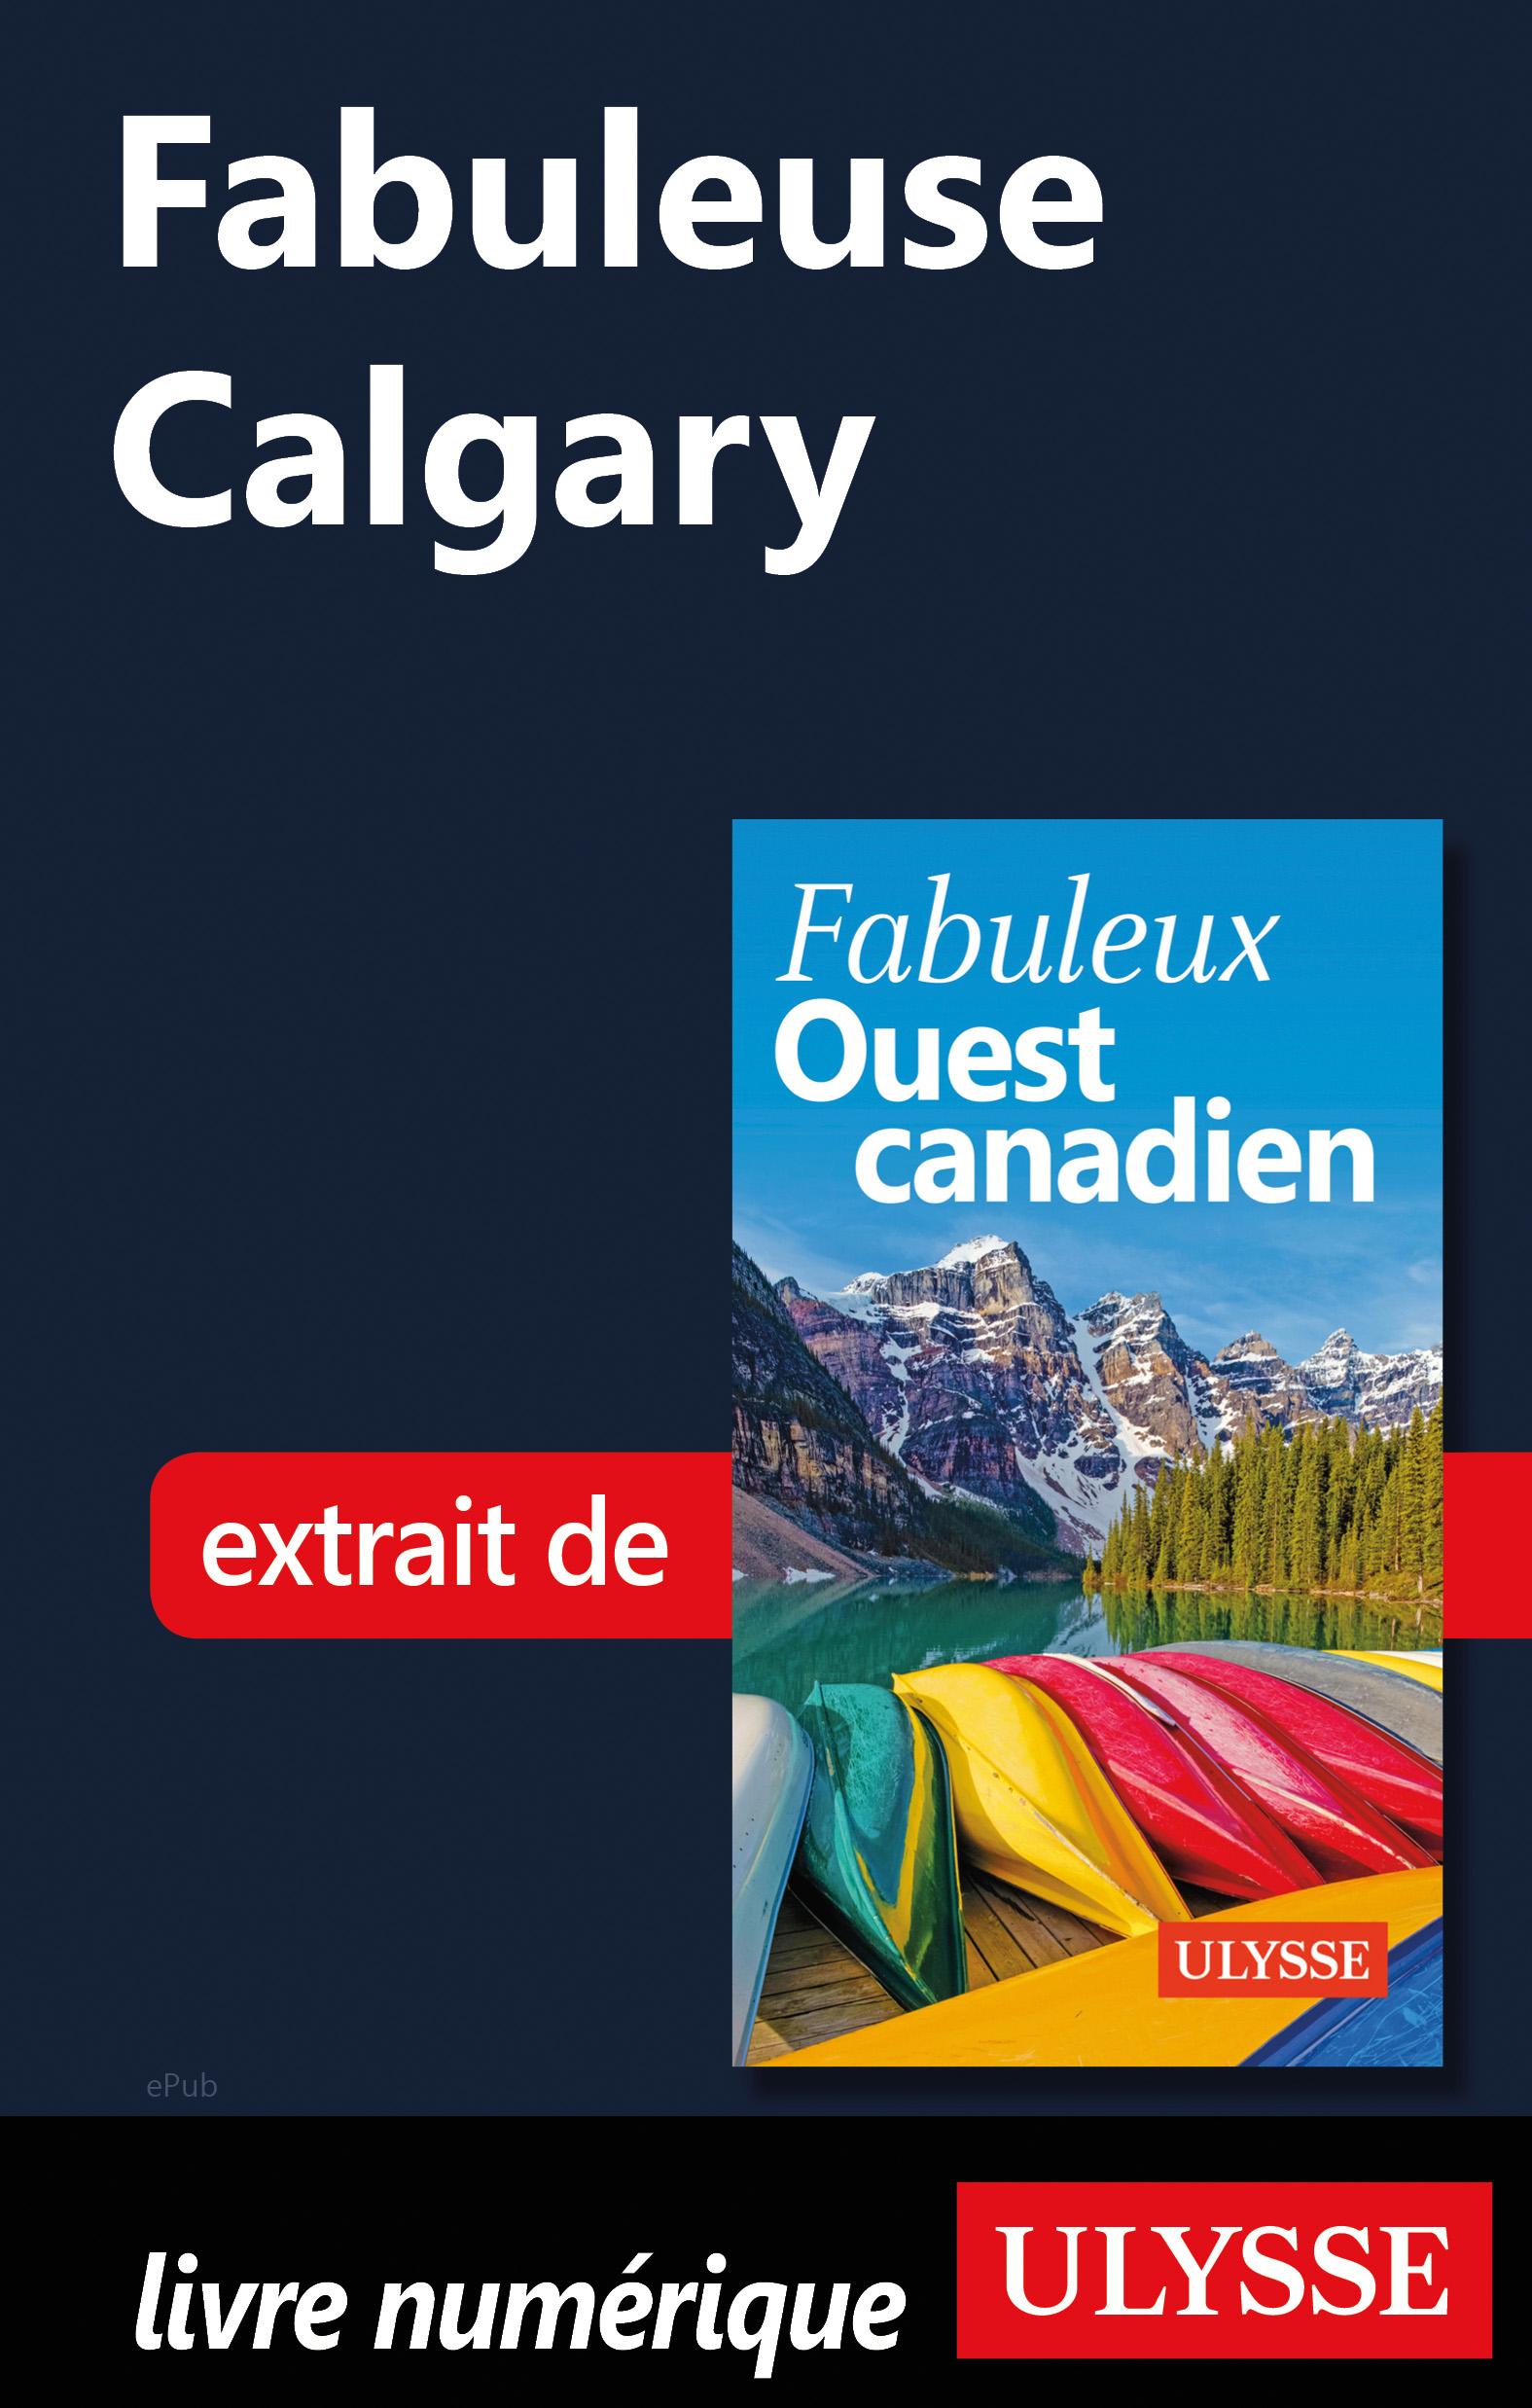 Fabuleuse Calgary